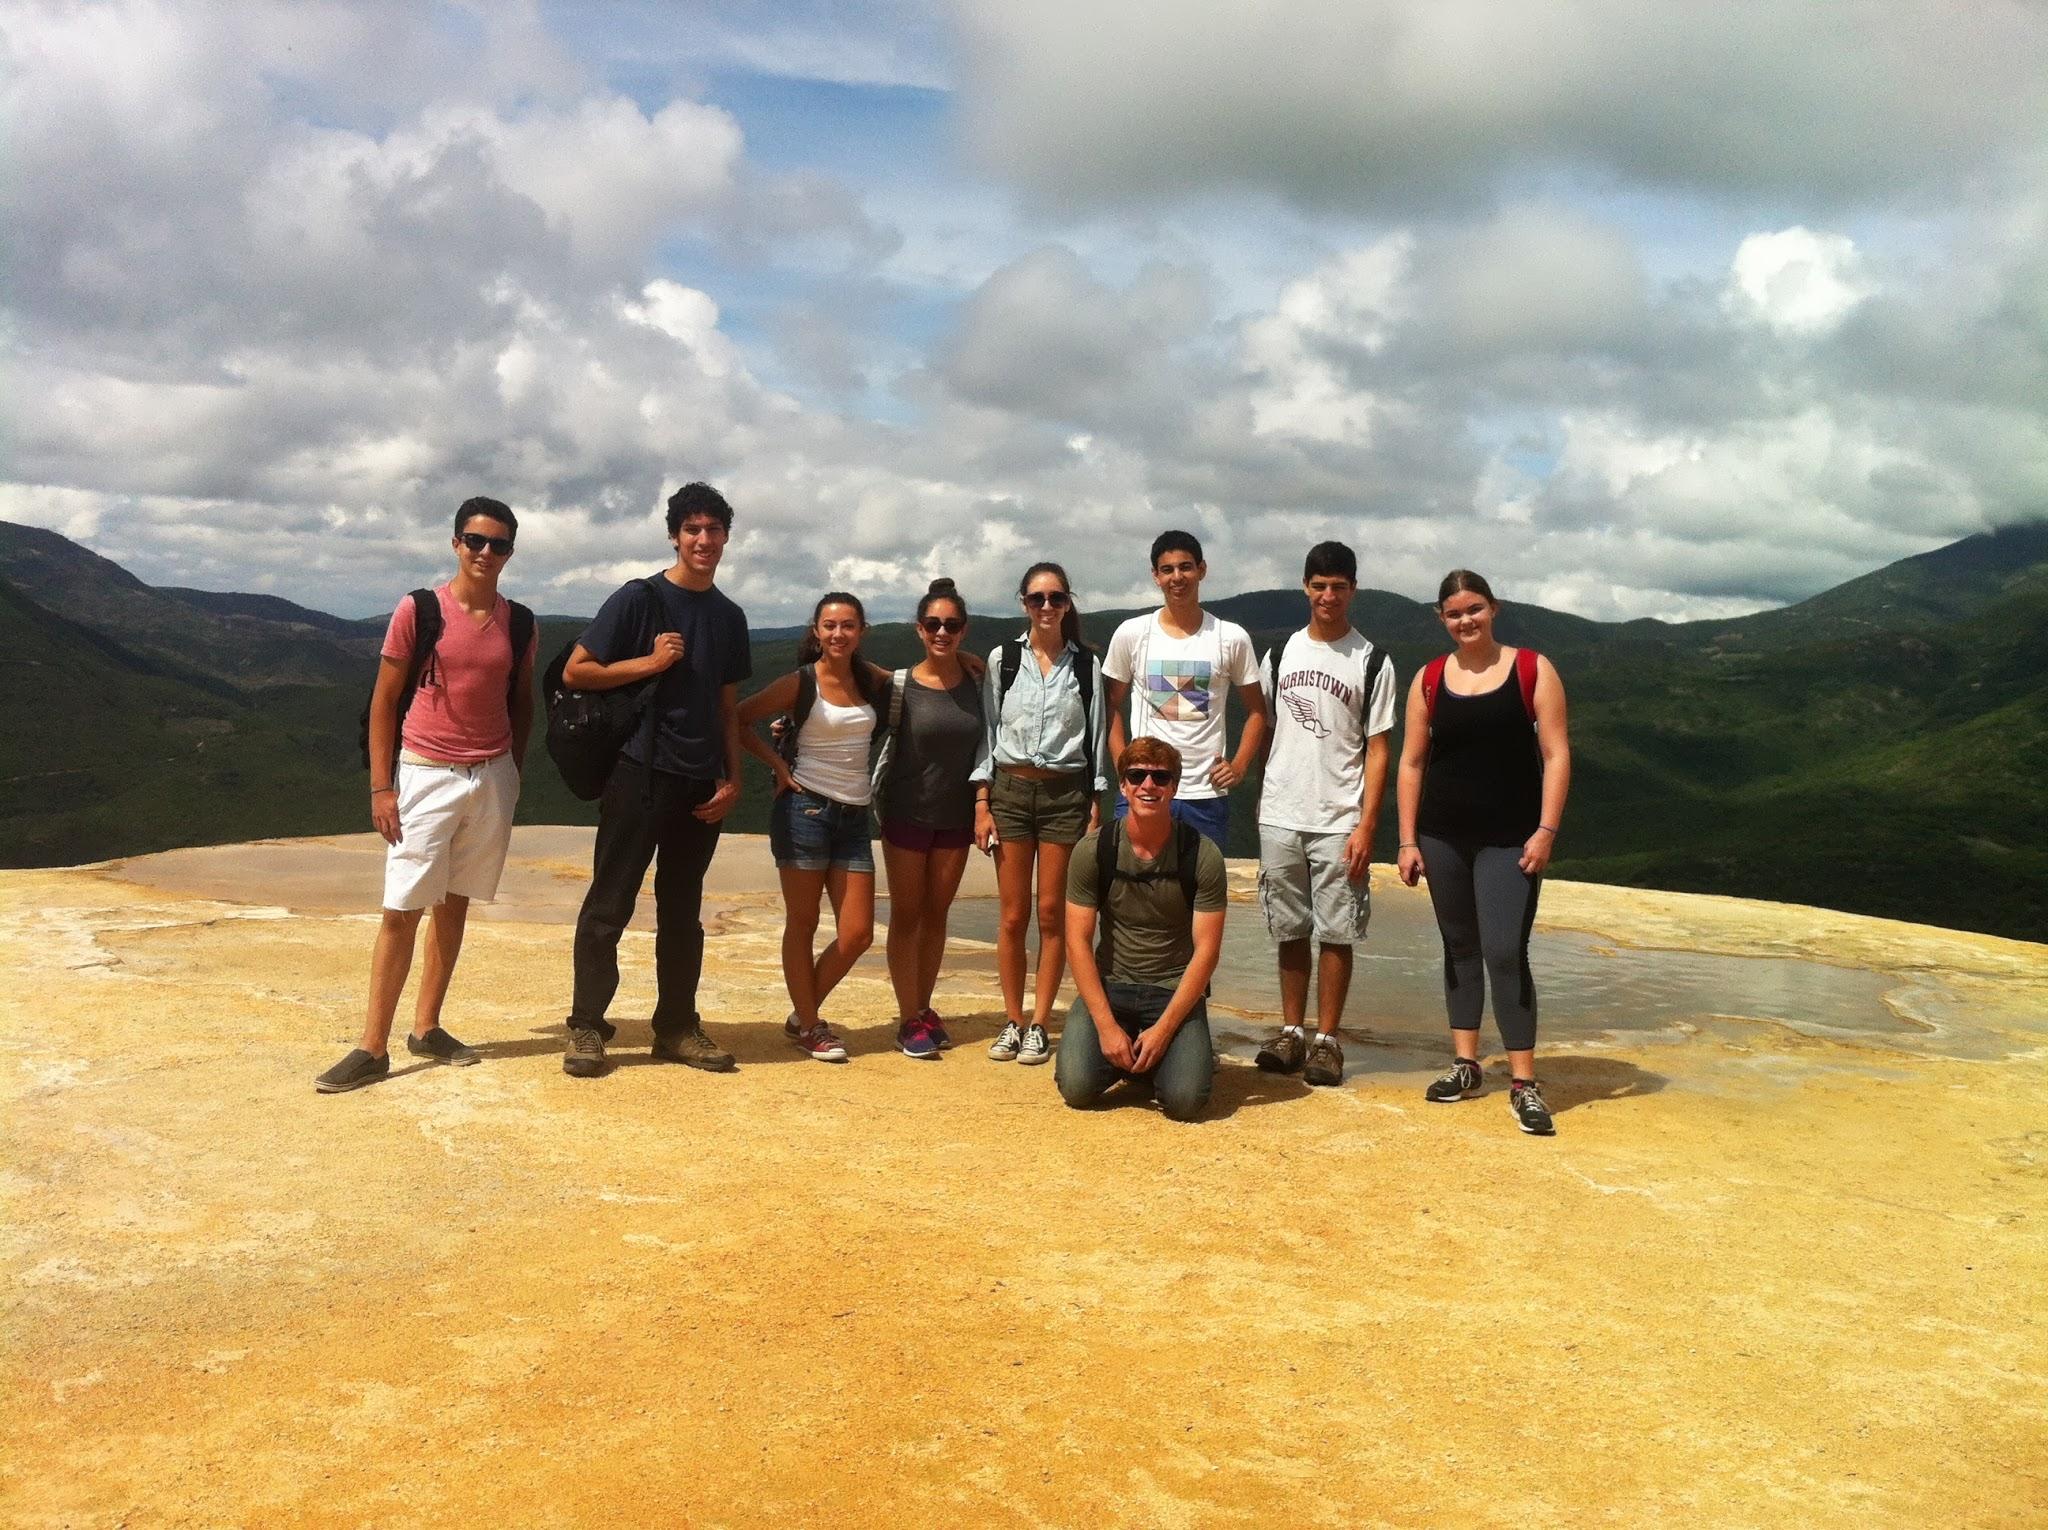 Gap Year Program - Sol Abroad High School & Gap Year Program Oaxaca, Mexico  1